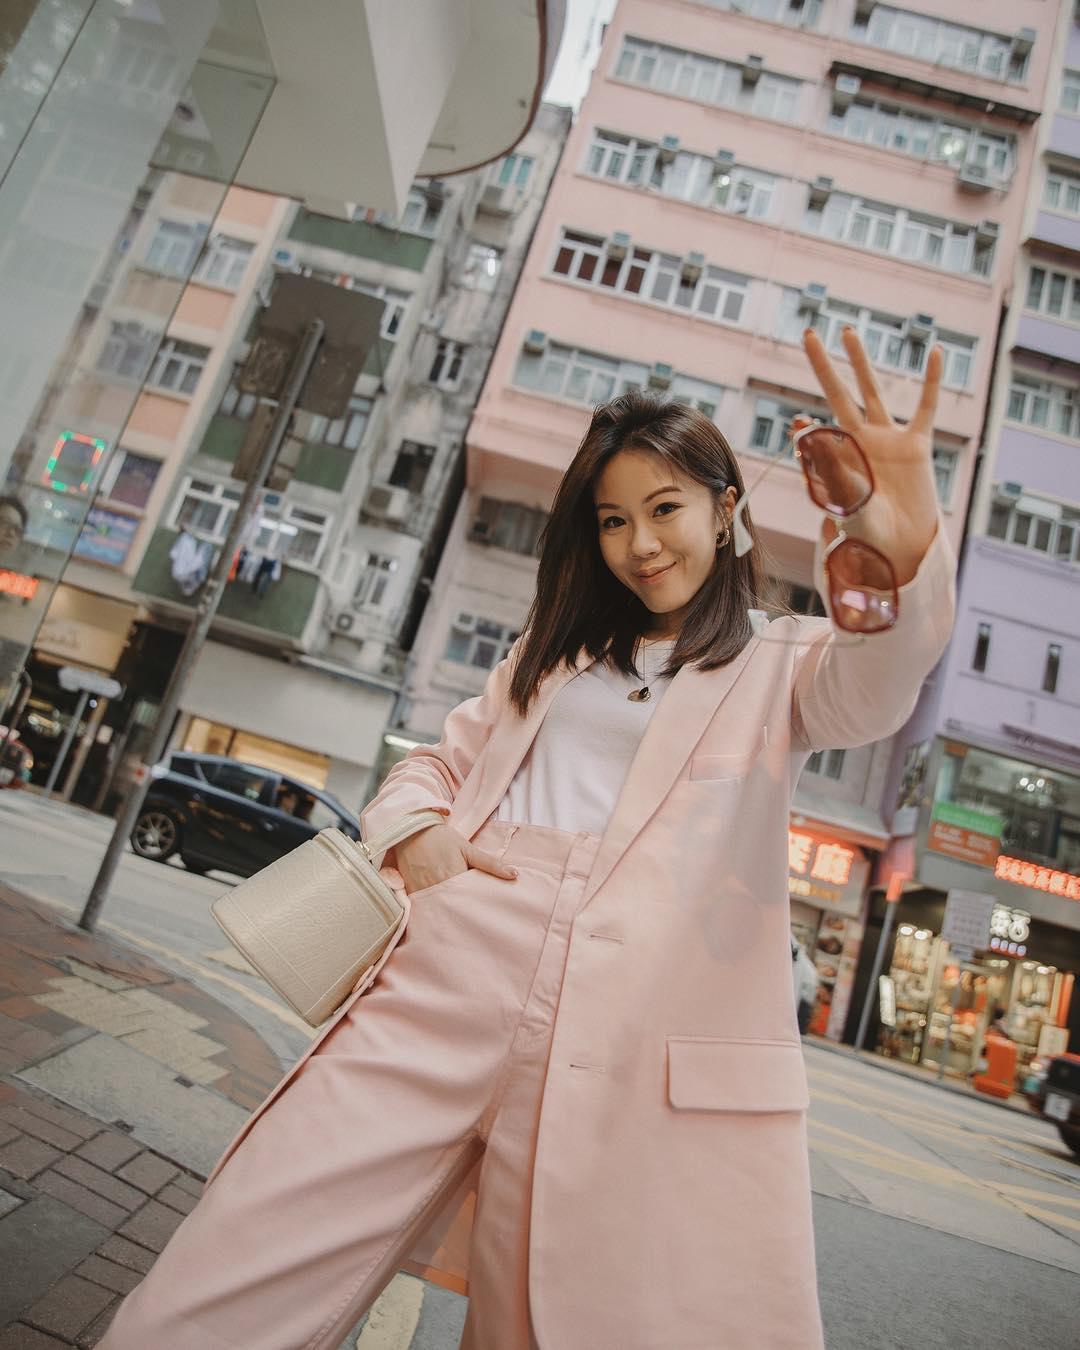 cô gái mặc áo vest hồng phối đồ menswearcô gái mặc áo vest hồng phối đồ menswear